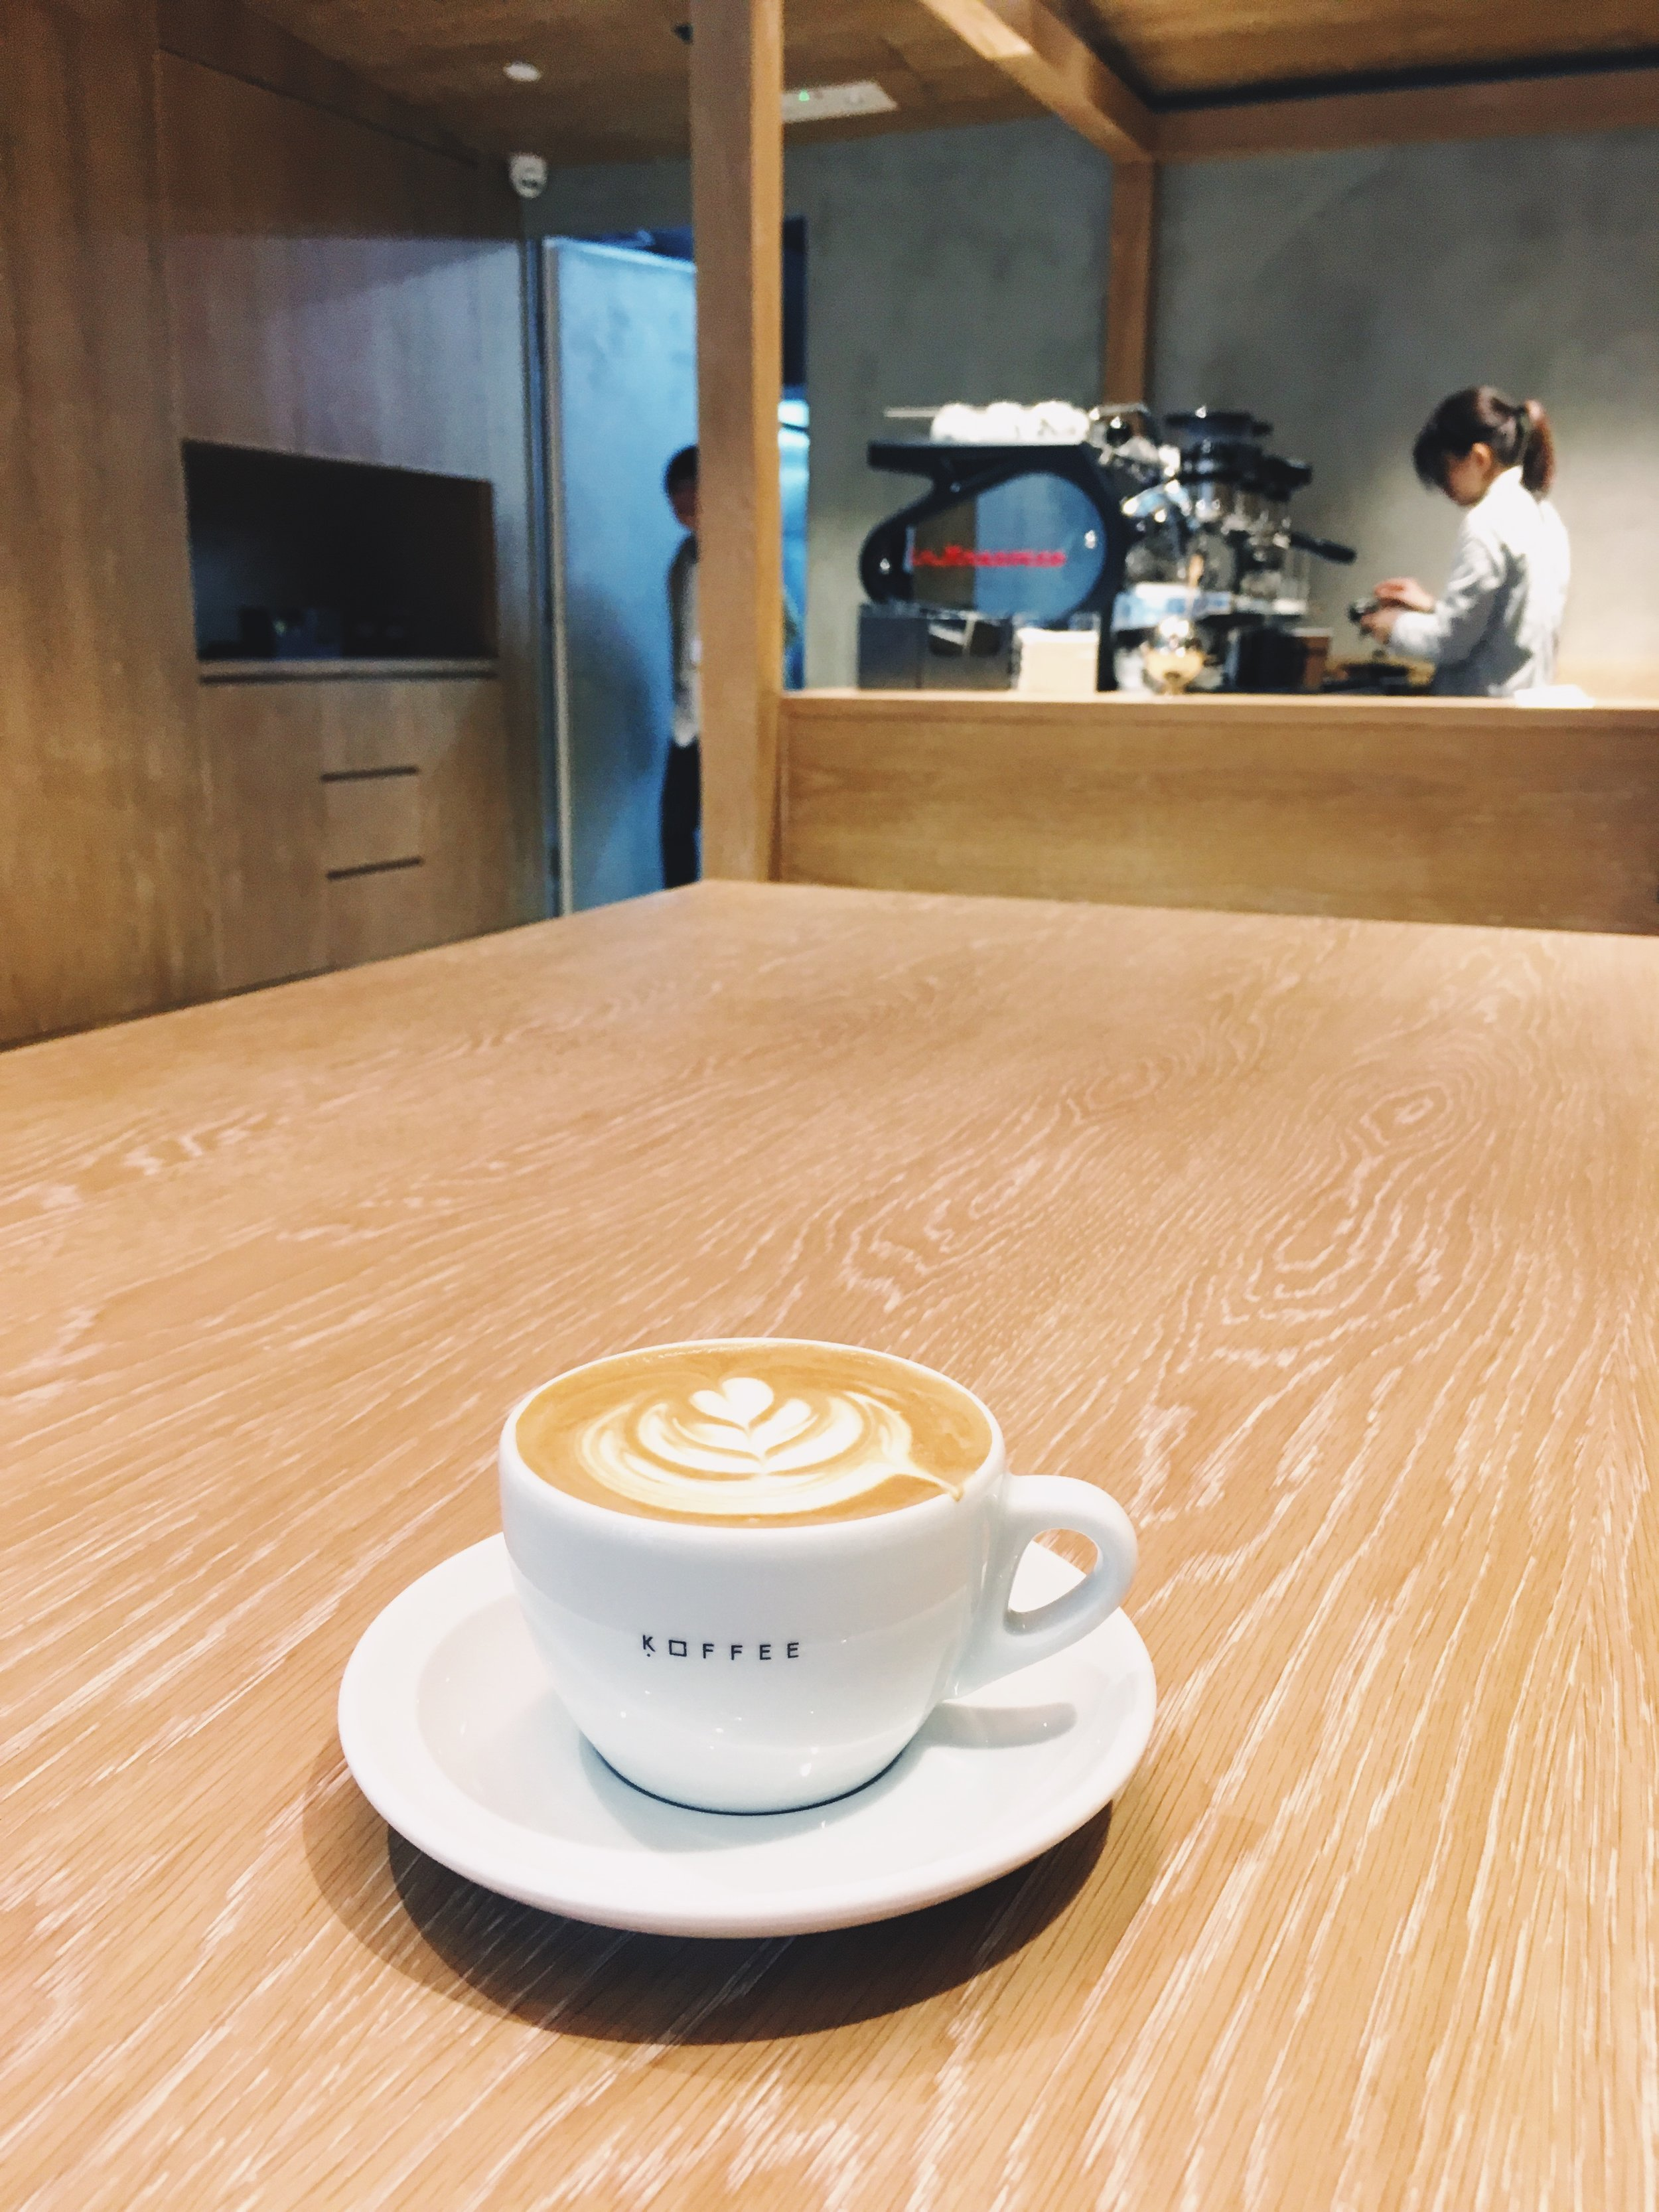 Omotesando Koffee, Hong Kong 2017.